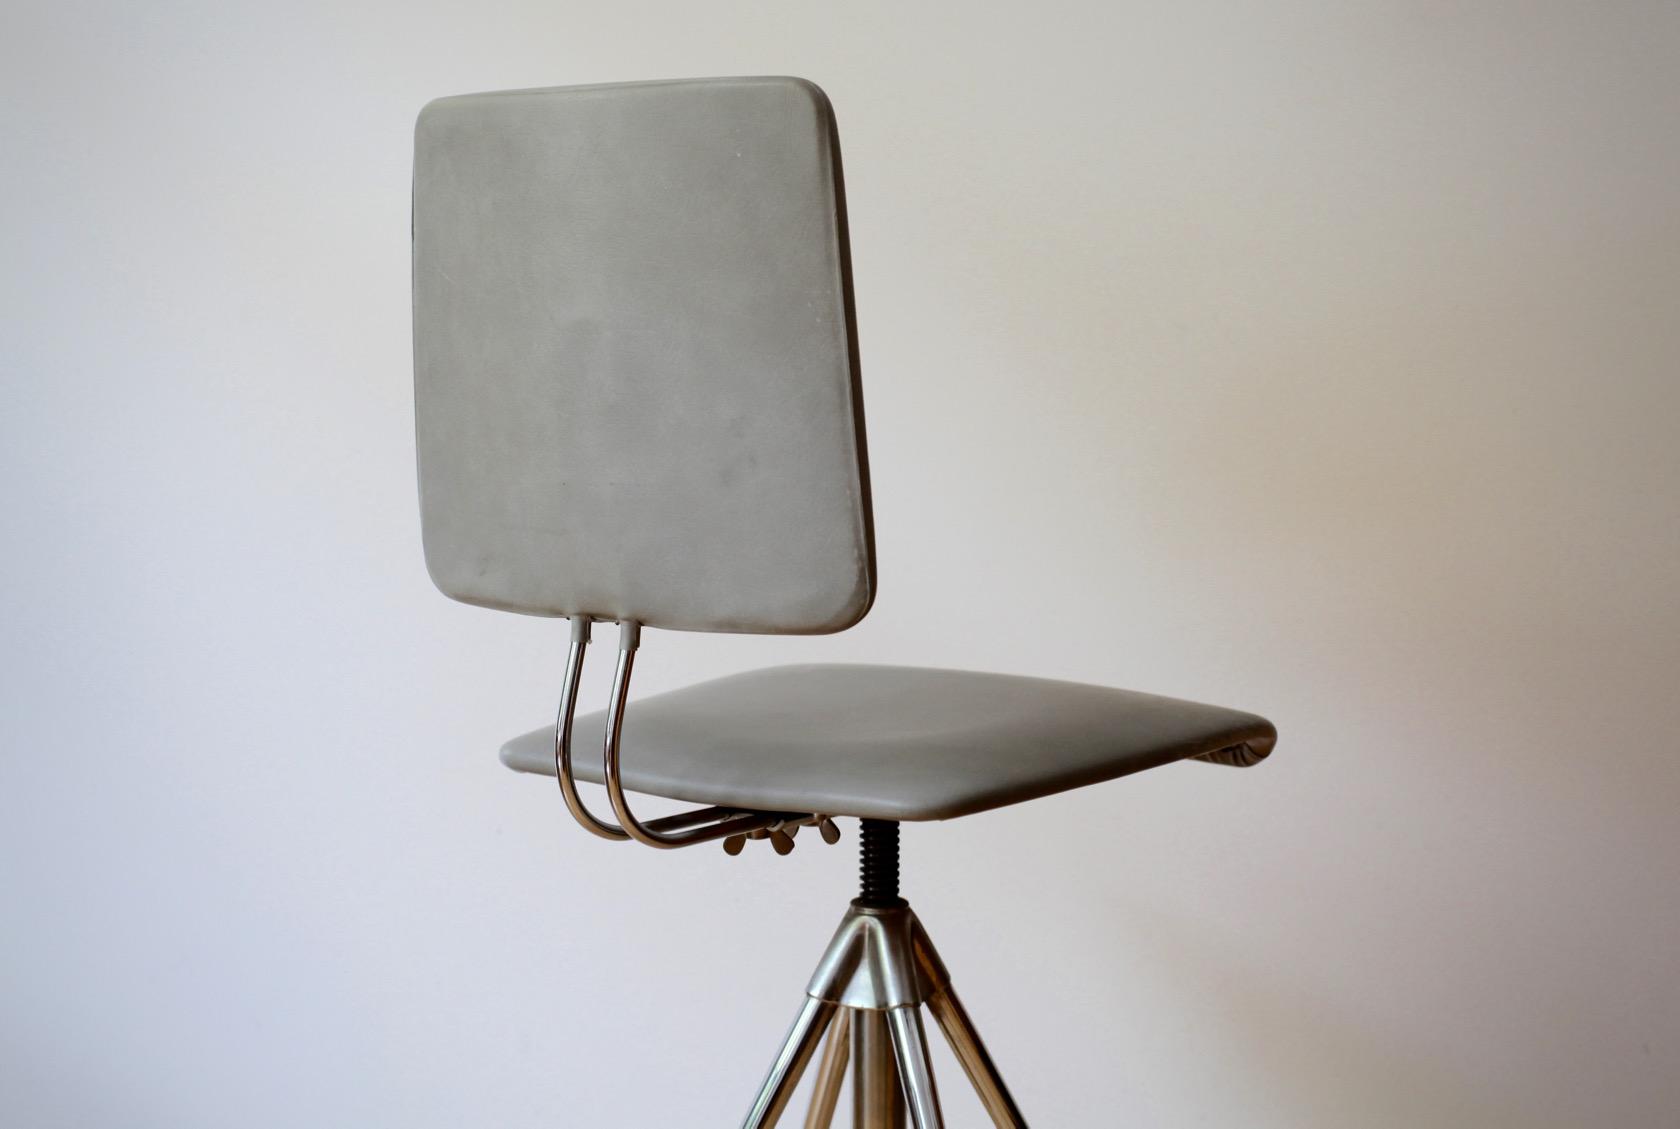 vintage schreibtischstuhl von hailo raumwunder vintage wohnen in n rnberg. Black Bedroom Furniture Sets. Home Design Ideas